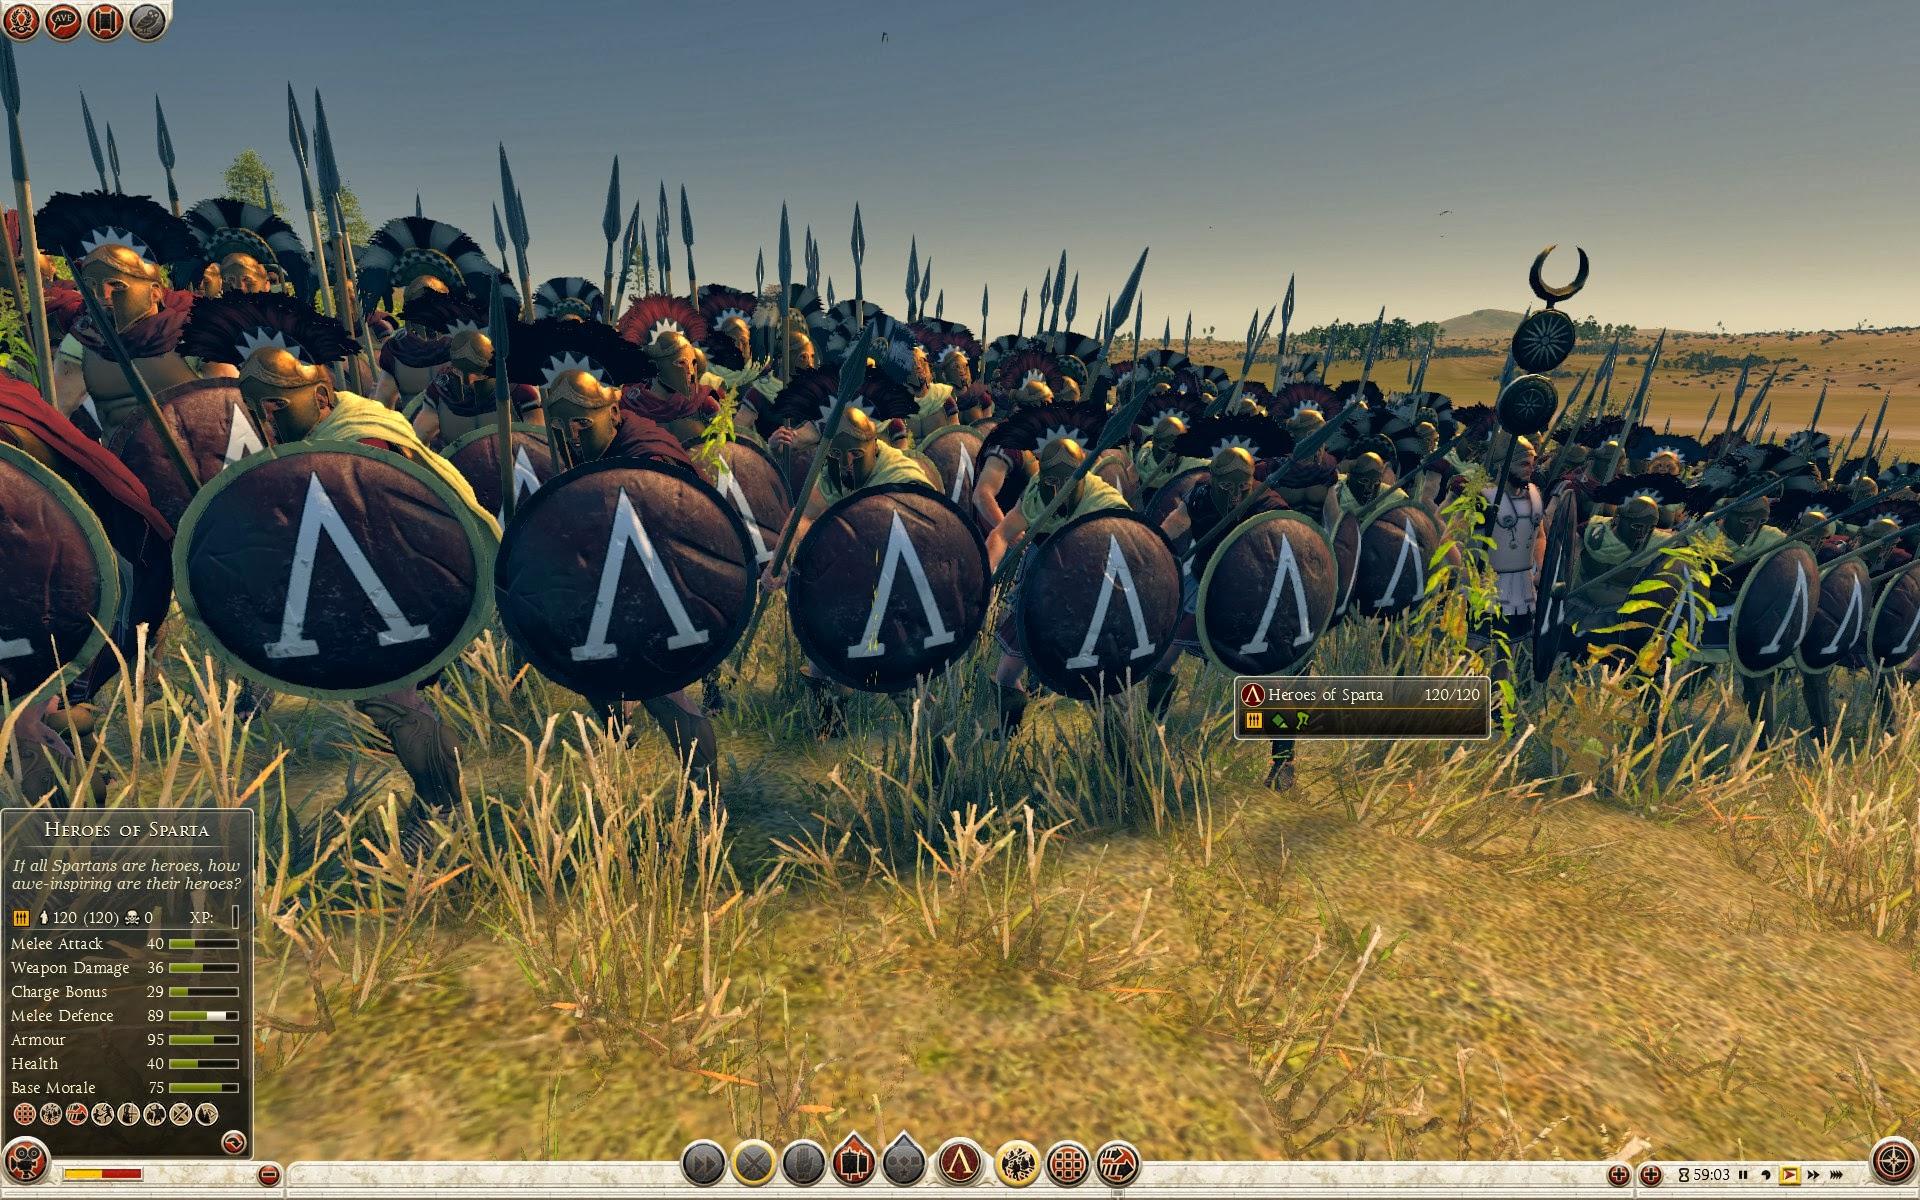 Heroes of Sparta